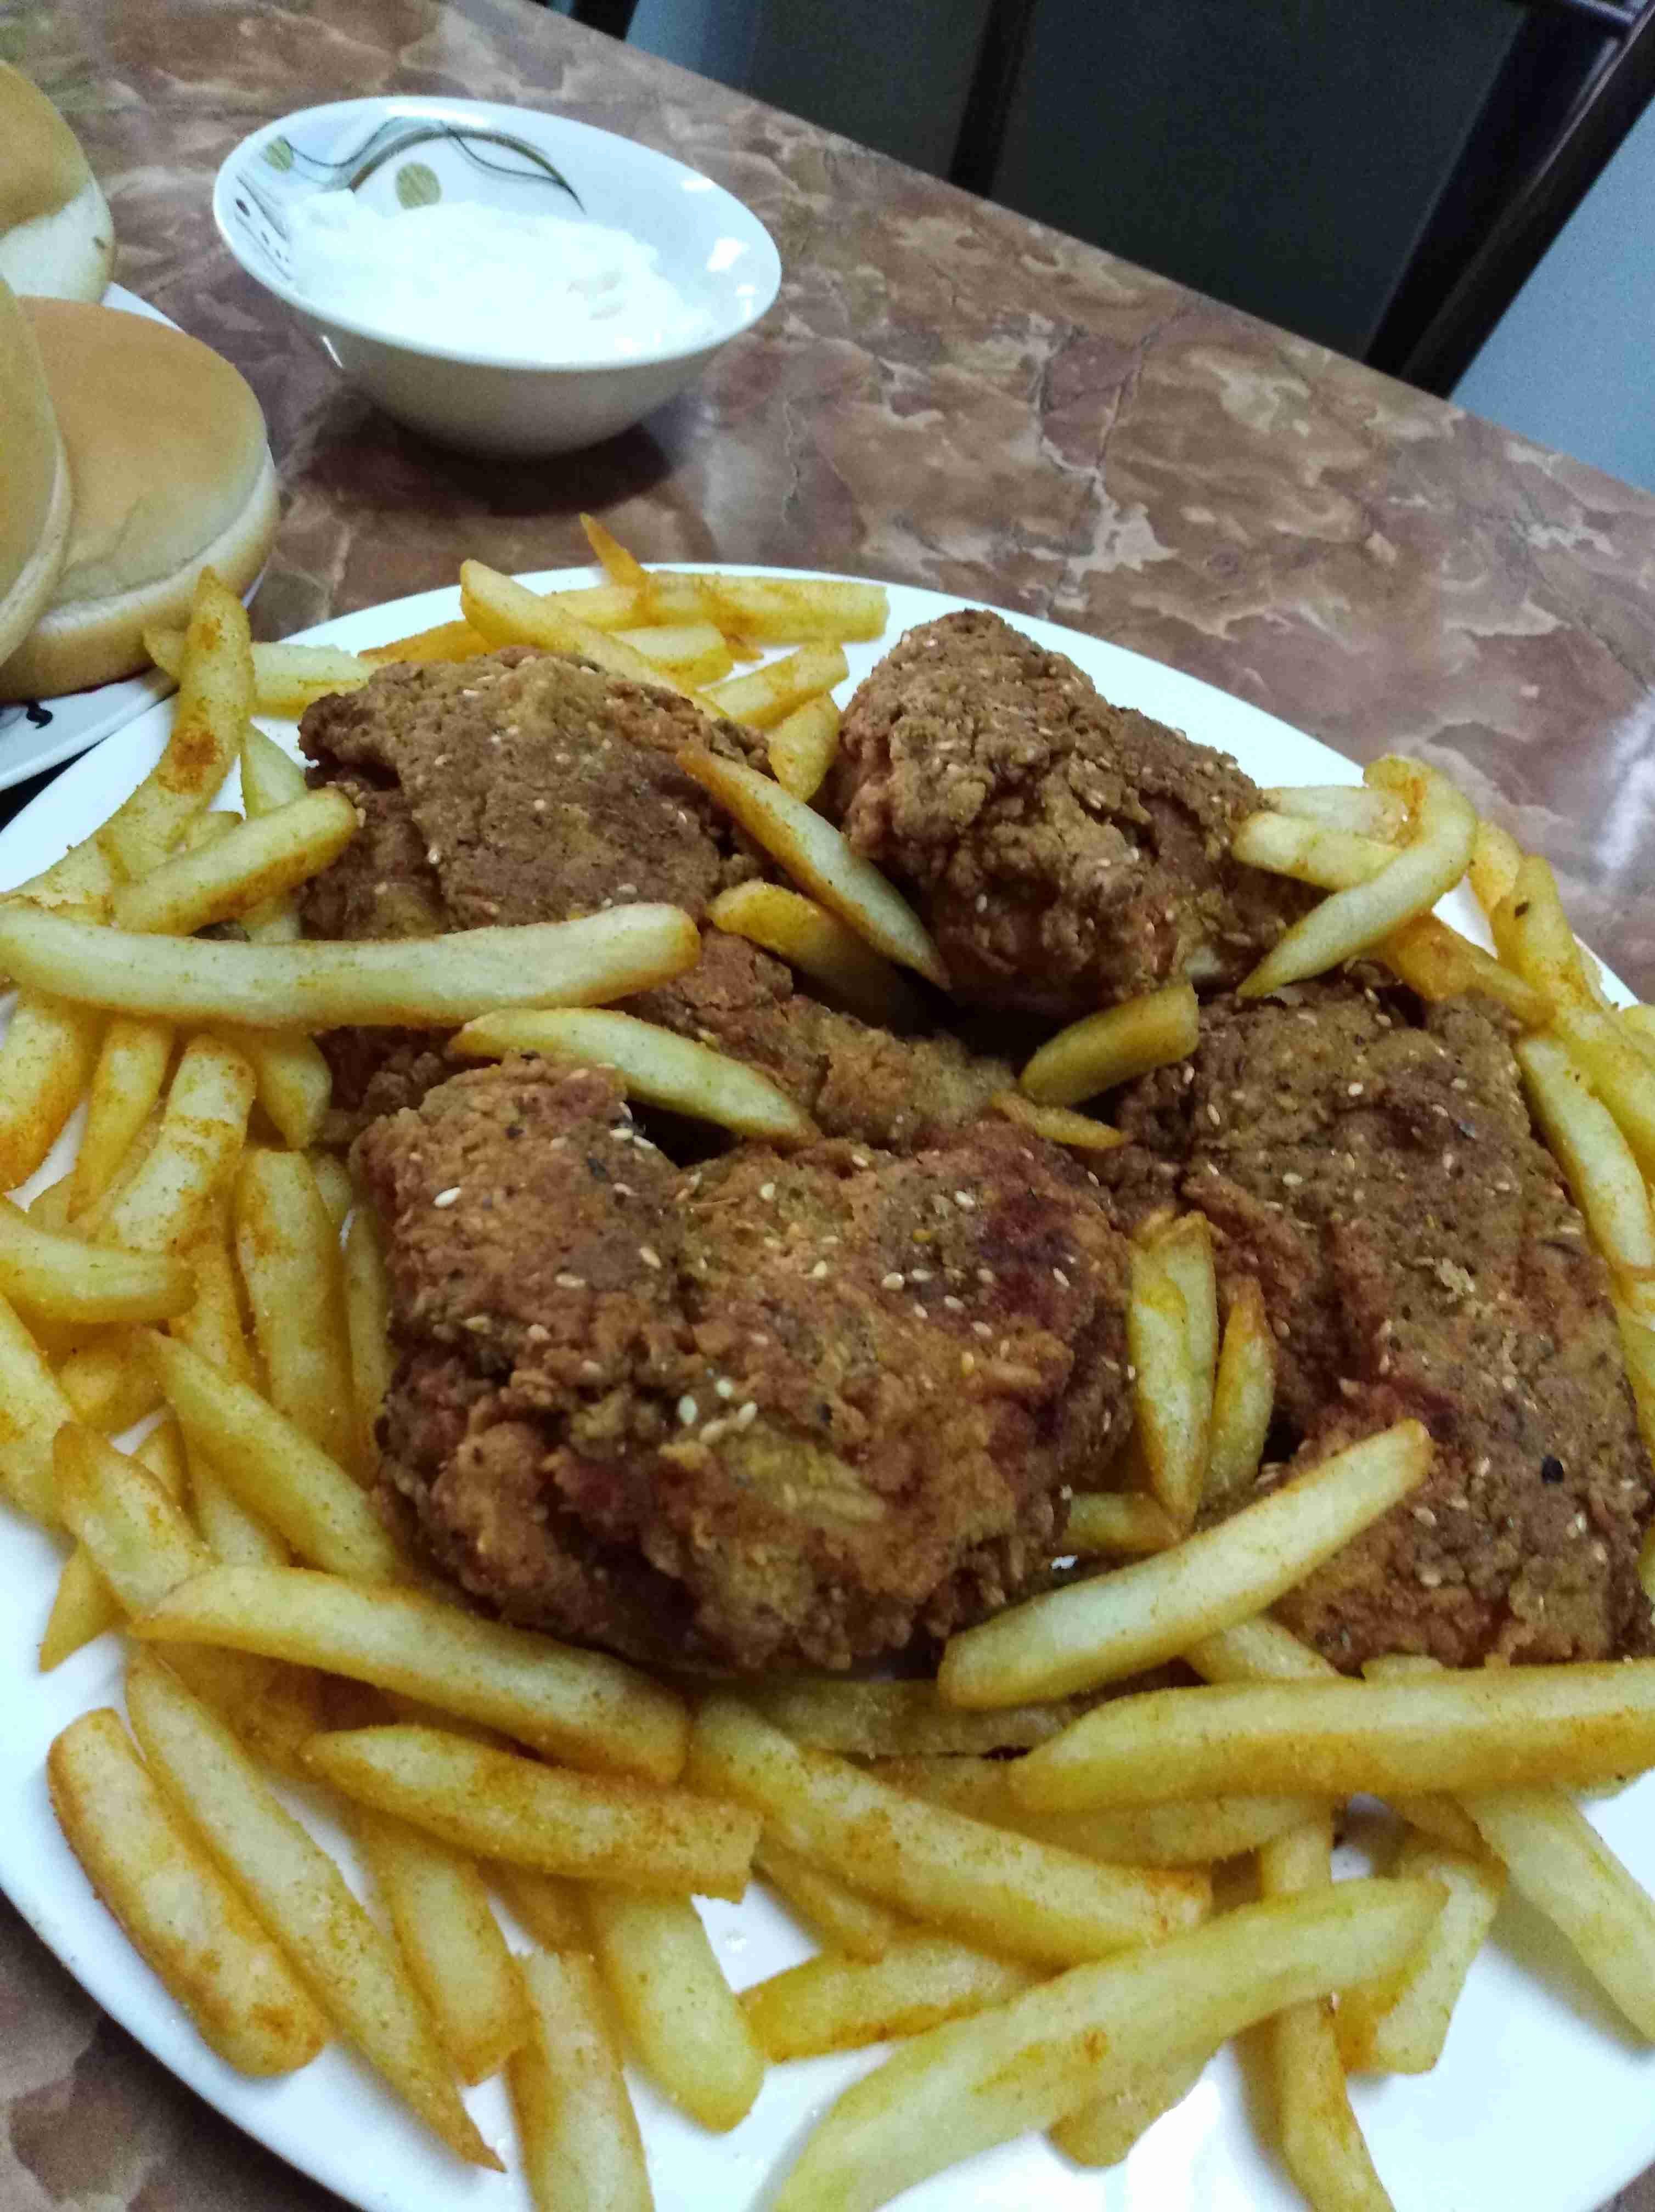 طريقة دجاج بروستد الز من الجاهز عطريقه تسوووم أطباق رئيسية عزيزتي المتابعة بصمت لتصلك مزيد من الوصفات ضعي لايك وات Middle Eastern Recipes Chicken Recipes Food